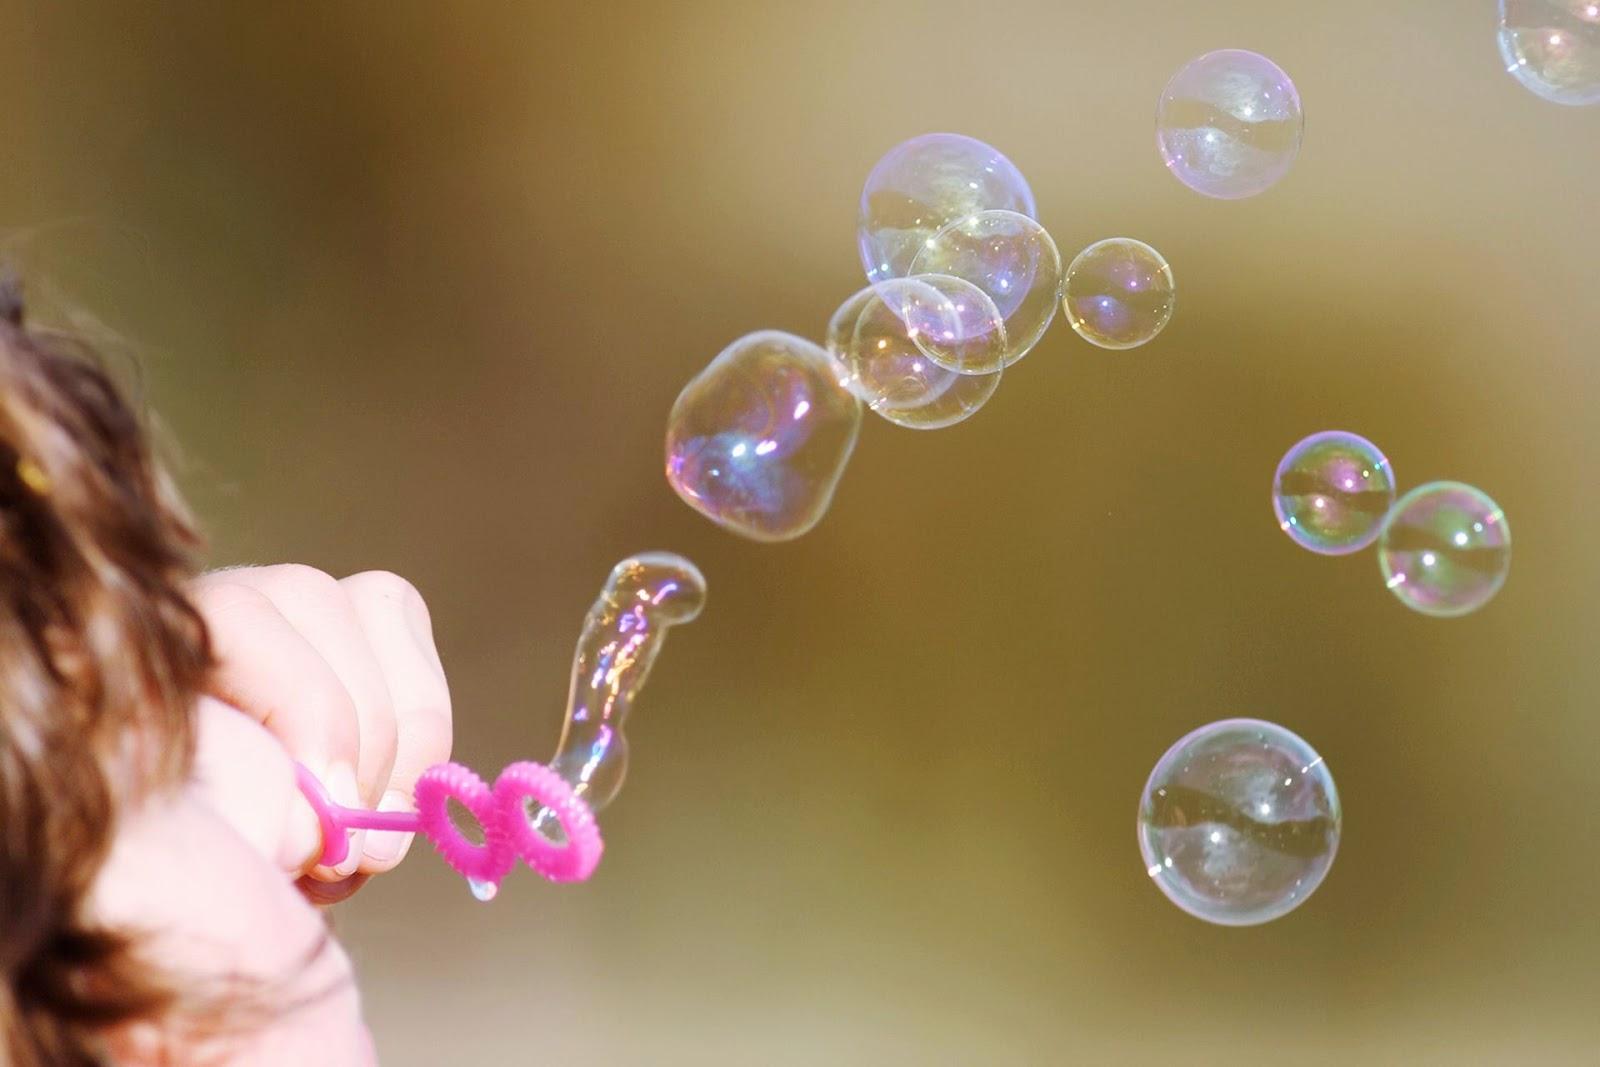 Как сделать мыльные пузыри в домашних условиях: 7 рецептов 47